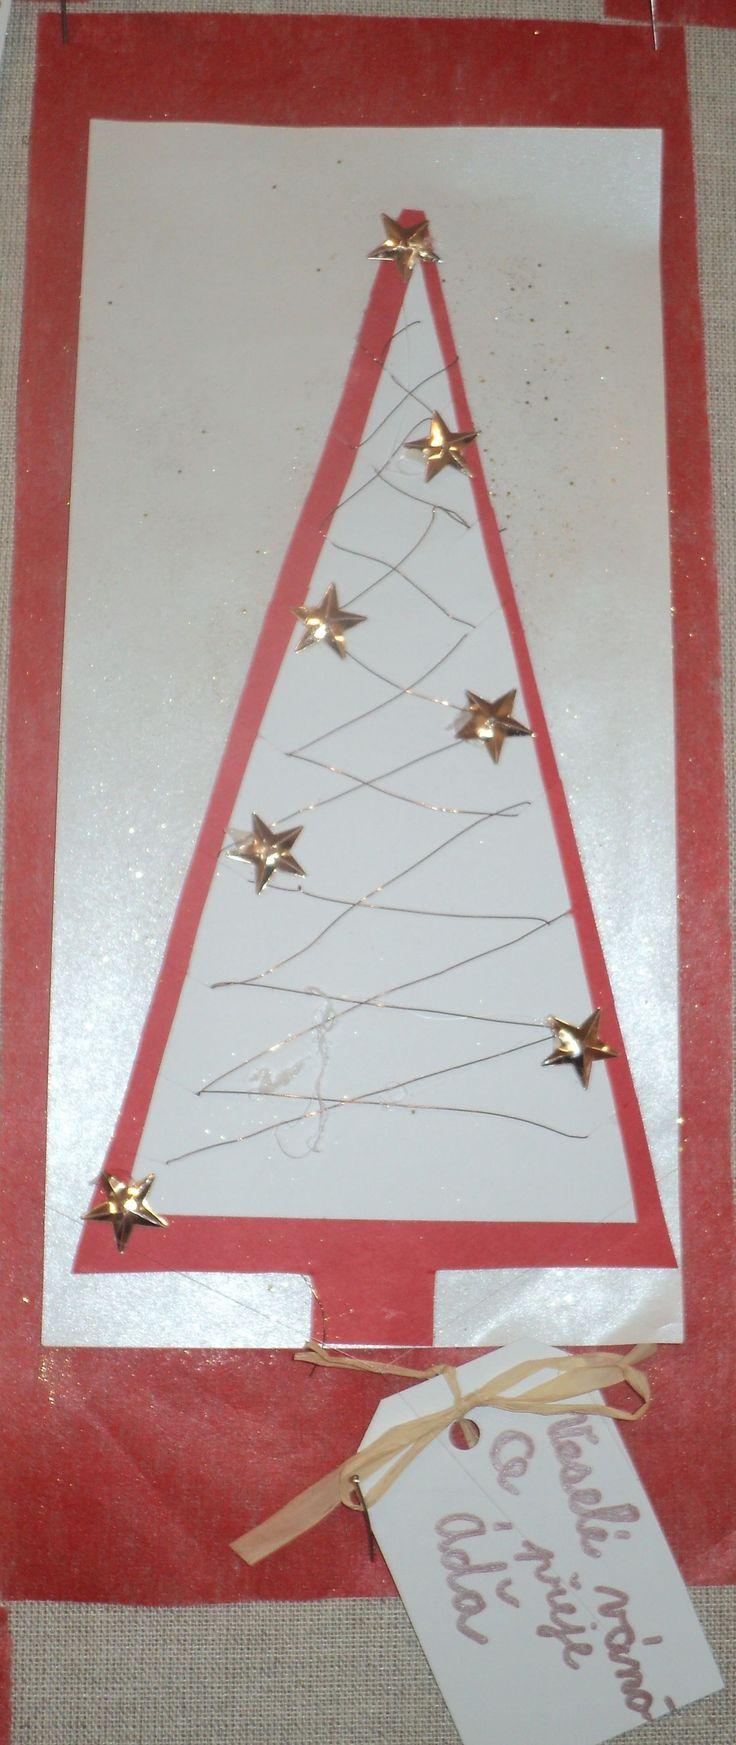 Vánoční stromeček s přáním